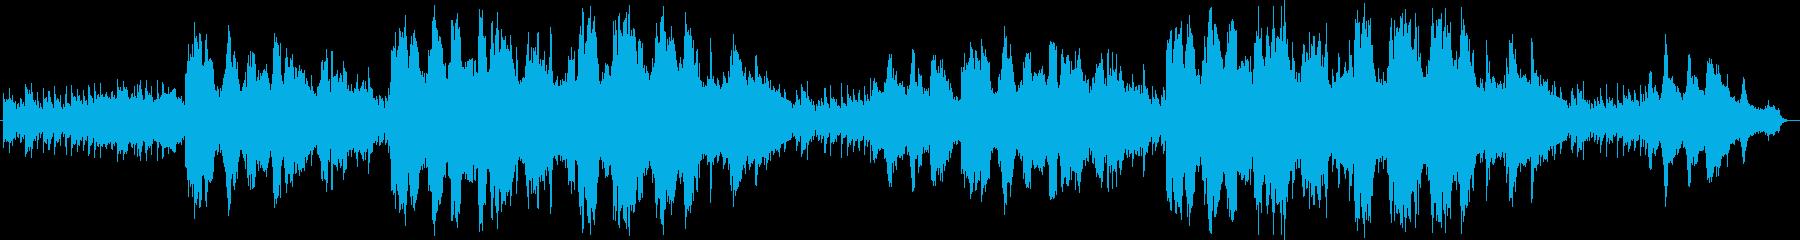 世界的な二胡奏者の生演奏 雄大なメロディの再生済みの波形